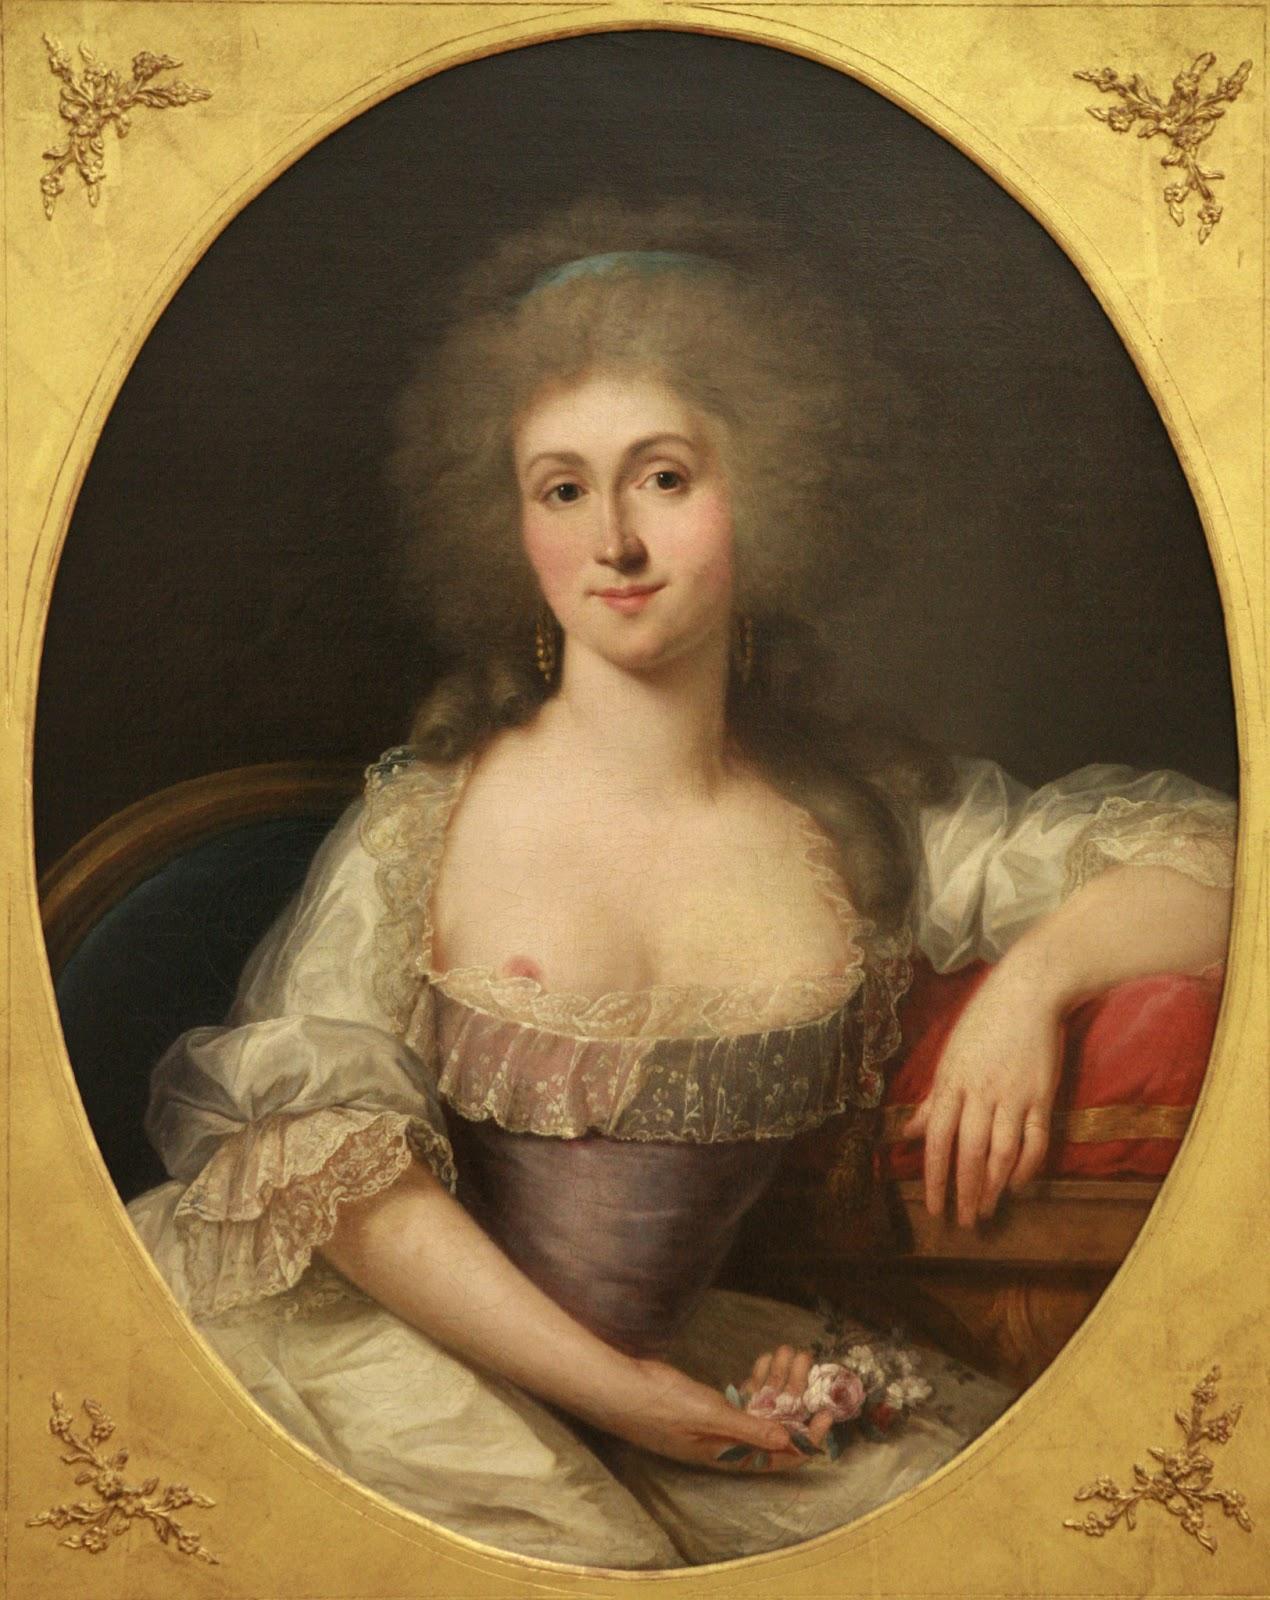 Почему на портретах молодых дам писали голую грудь, или открой соски d5c5a747211e9ea0d4ba6446abc72d18d8d532e54b90a83a313fef526dc12e79.jpg